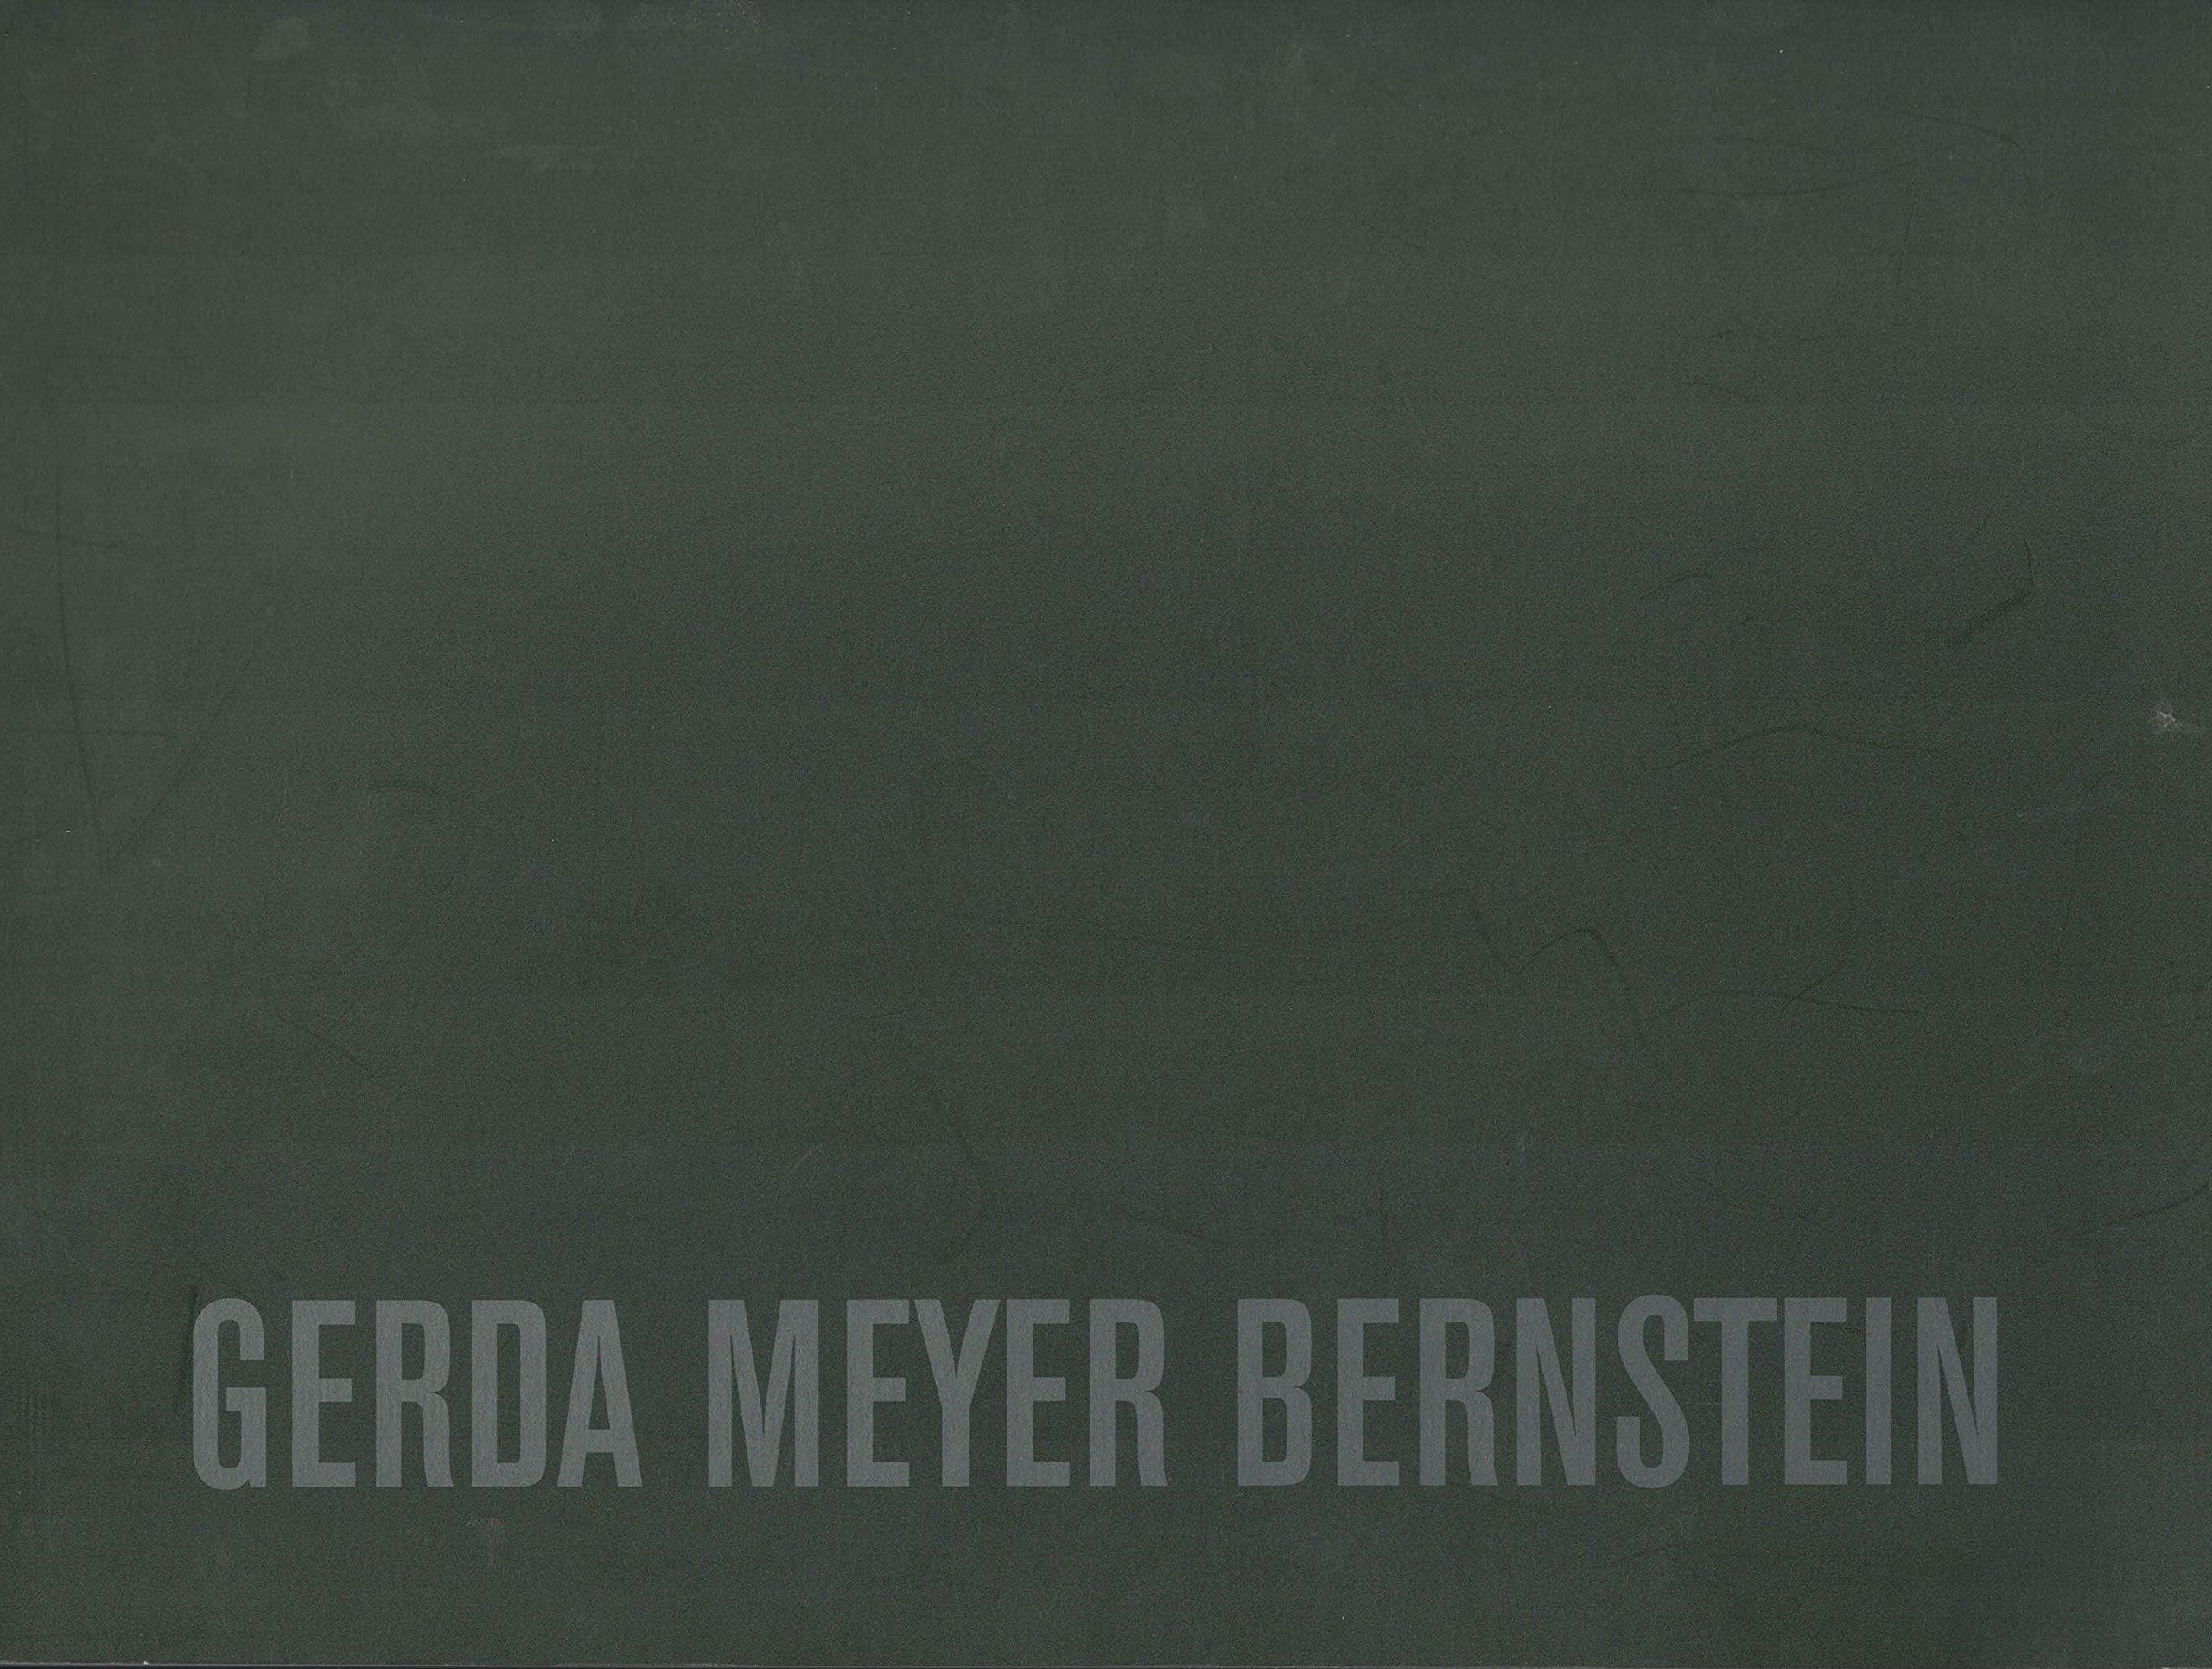 Gerda Meyer-Bernstein